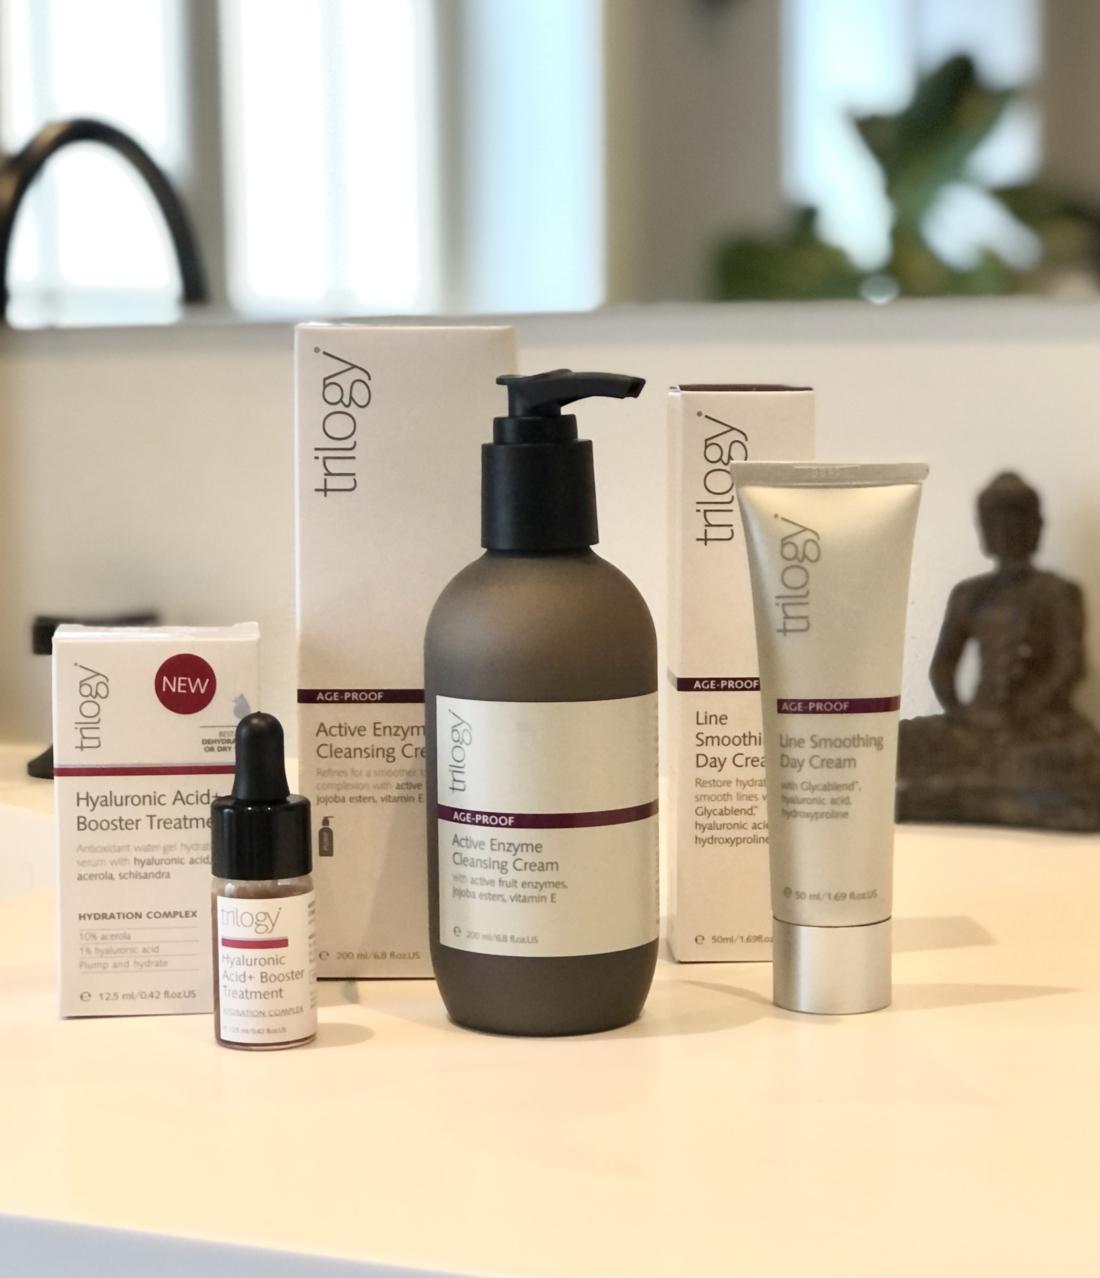 En effektiv hudpleje til moden hud fra det naturlige mærke Trilogy.